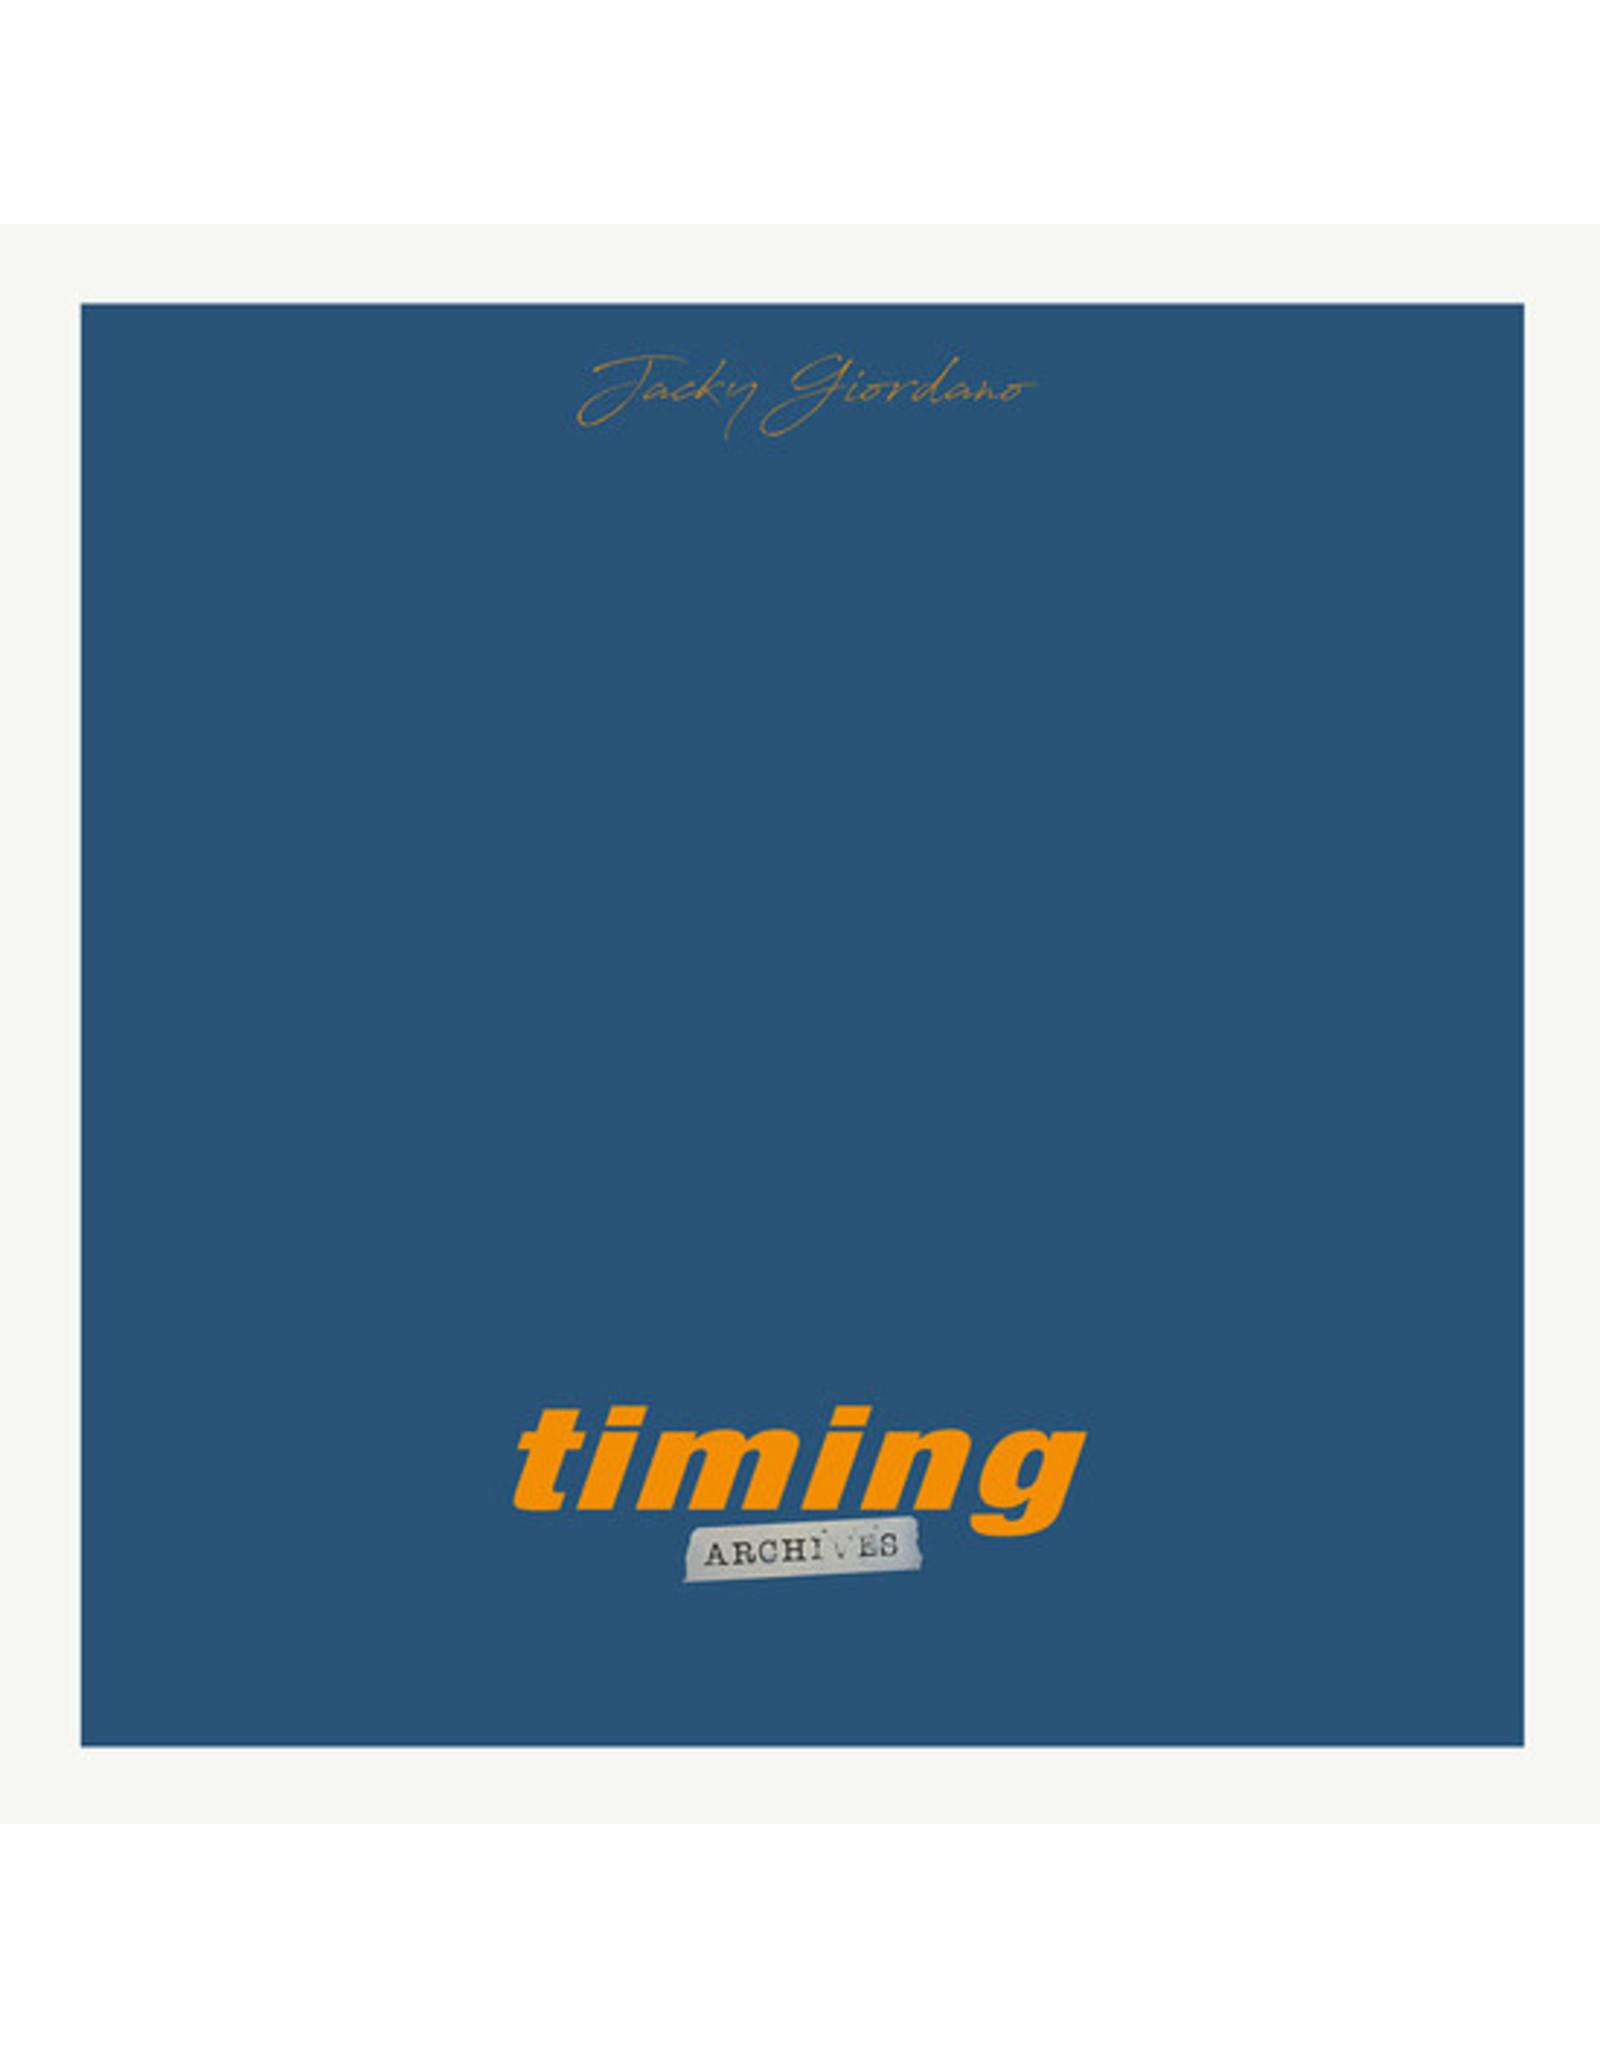 Farfalla Giordano, Jacky: Timing Archives LP